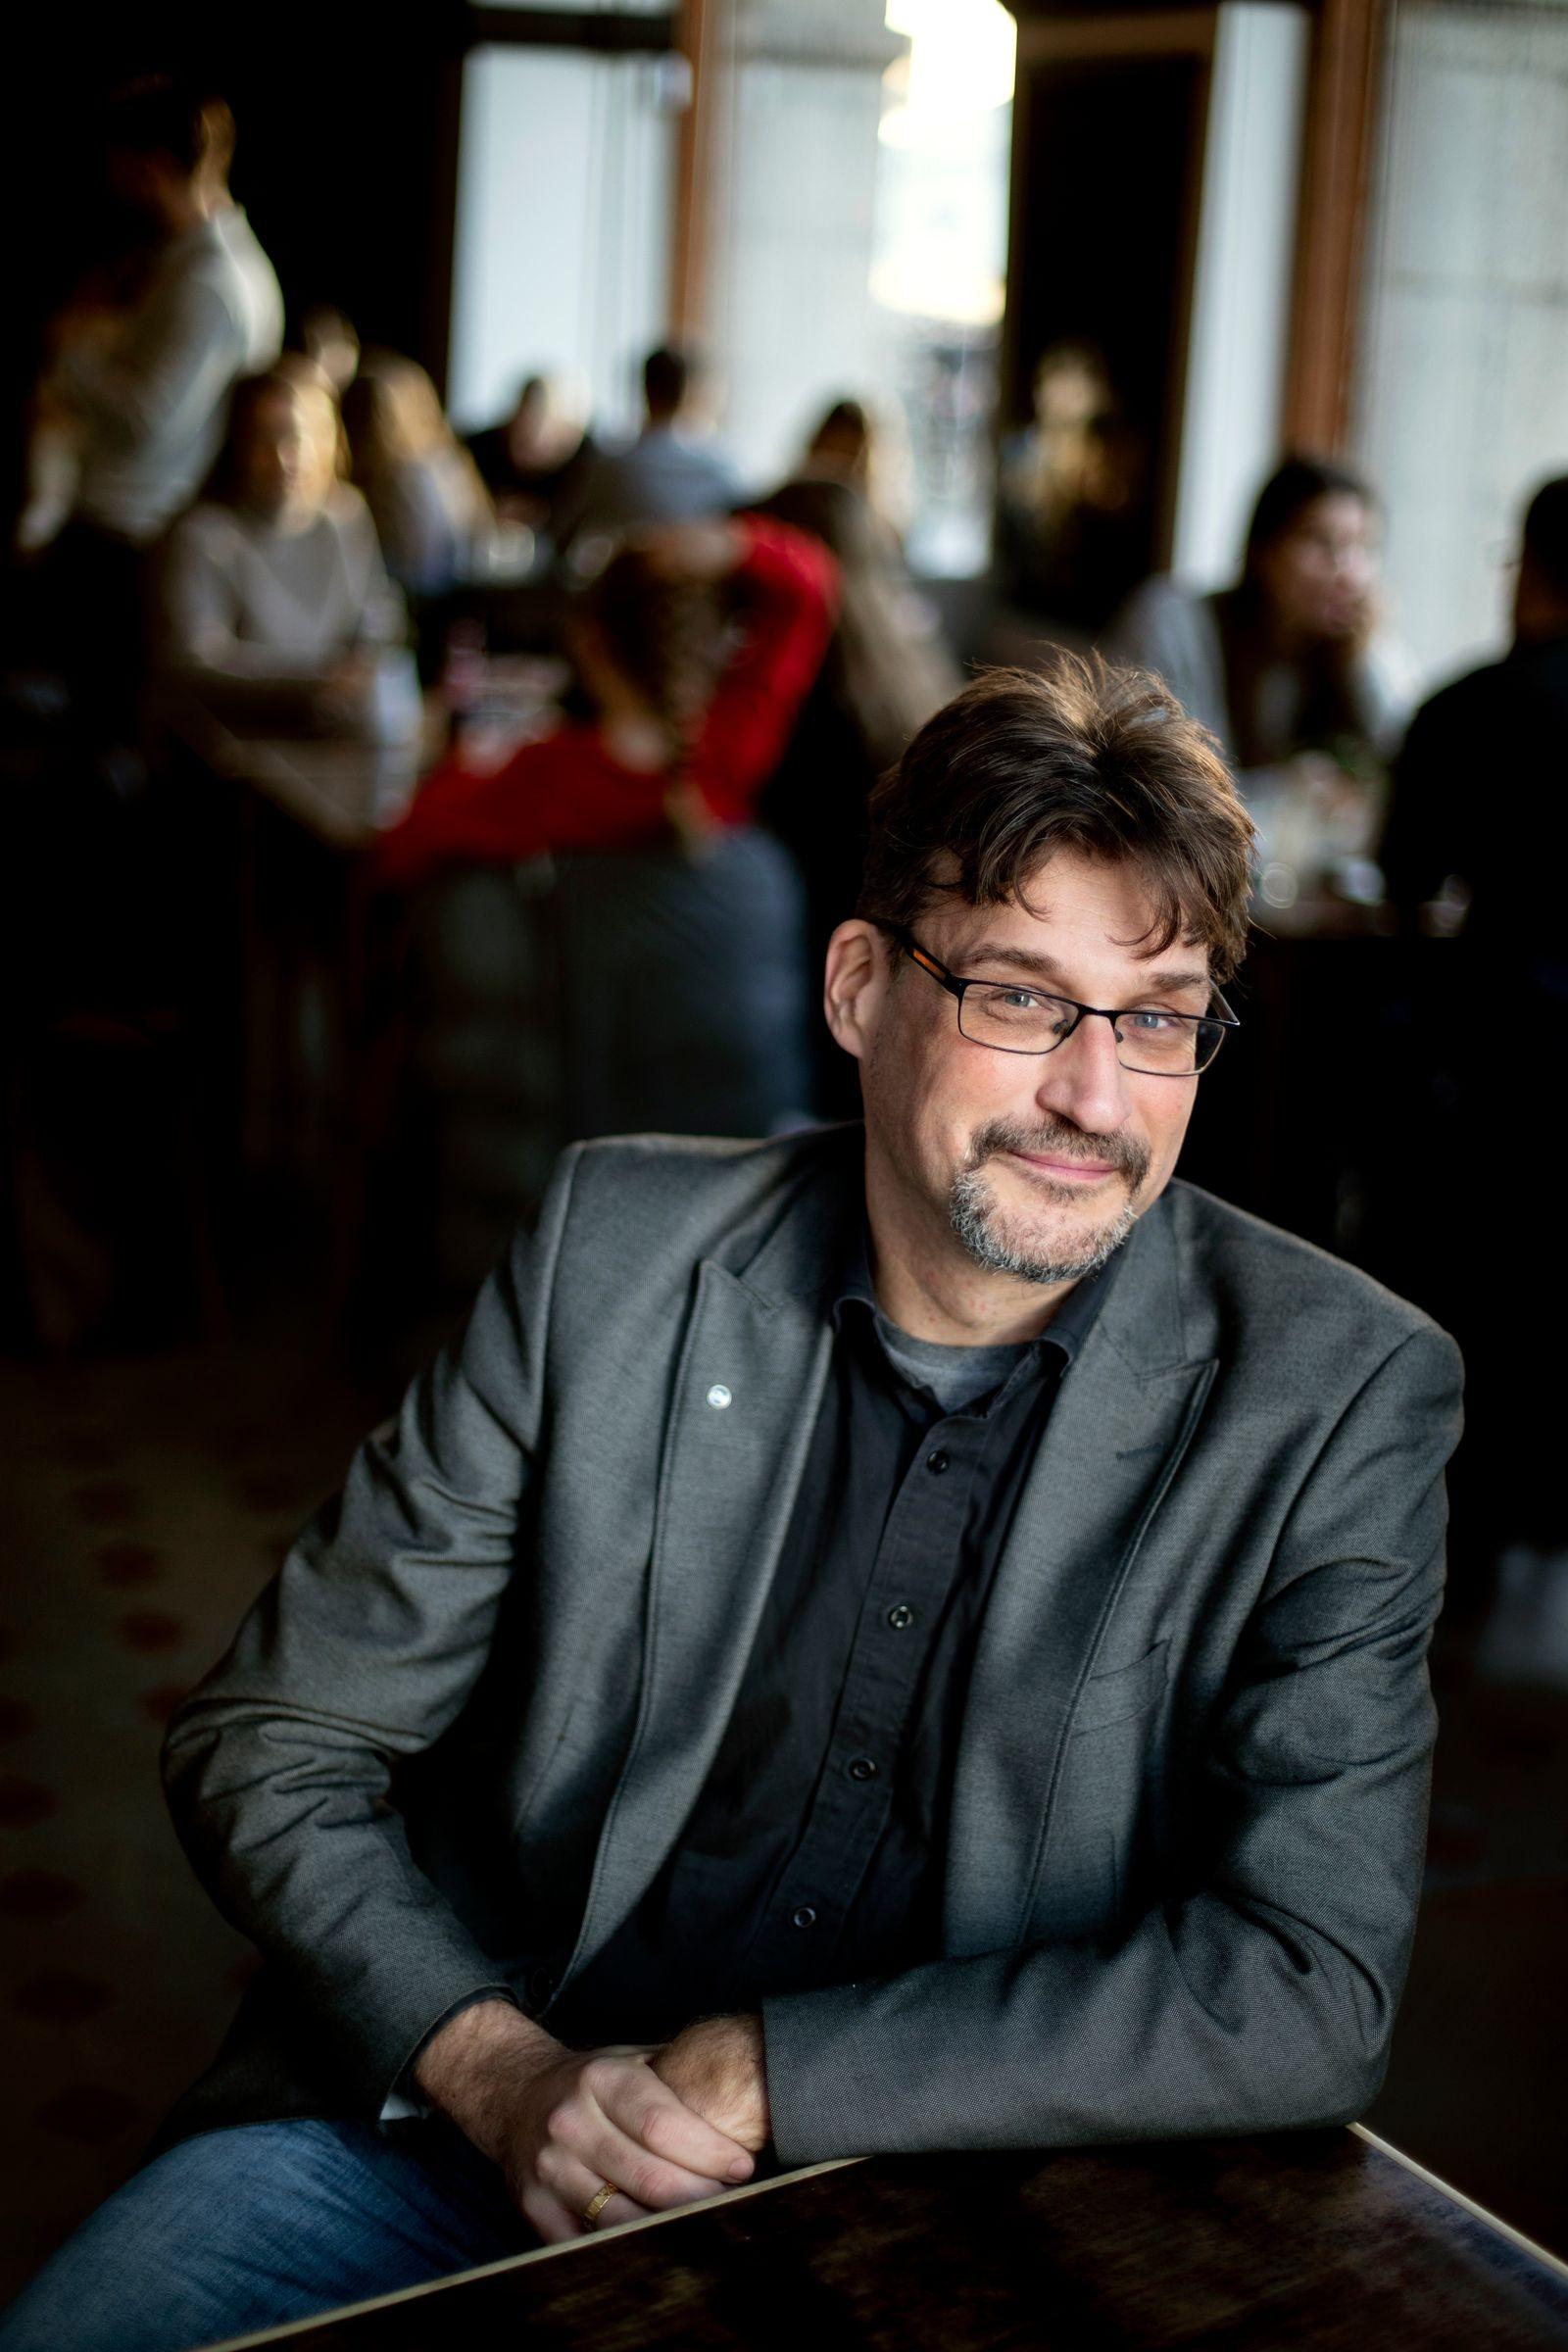 Mats Svenssons debuterade som författare 2020 med romanen Den trettonde bomben. Nu är han aktuell med nyutgivna De tolv majestäterna. Foto: Emil Malmborg